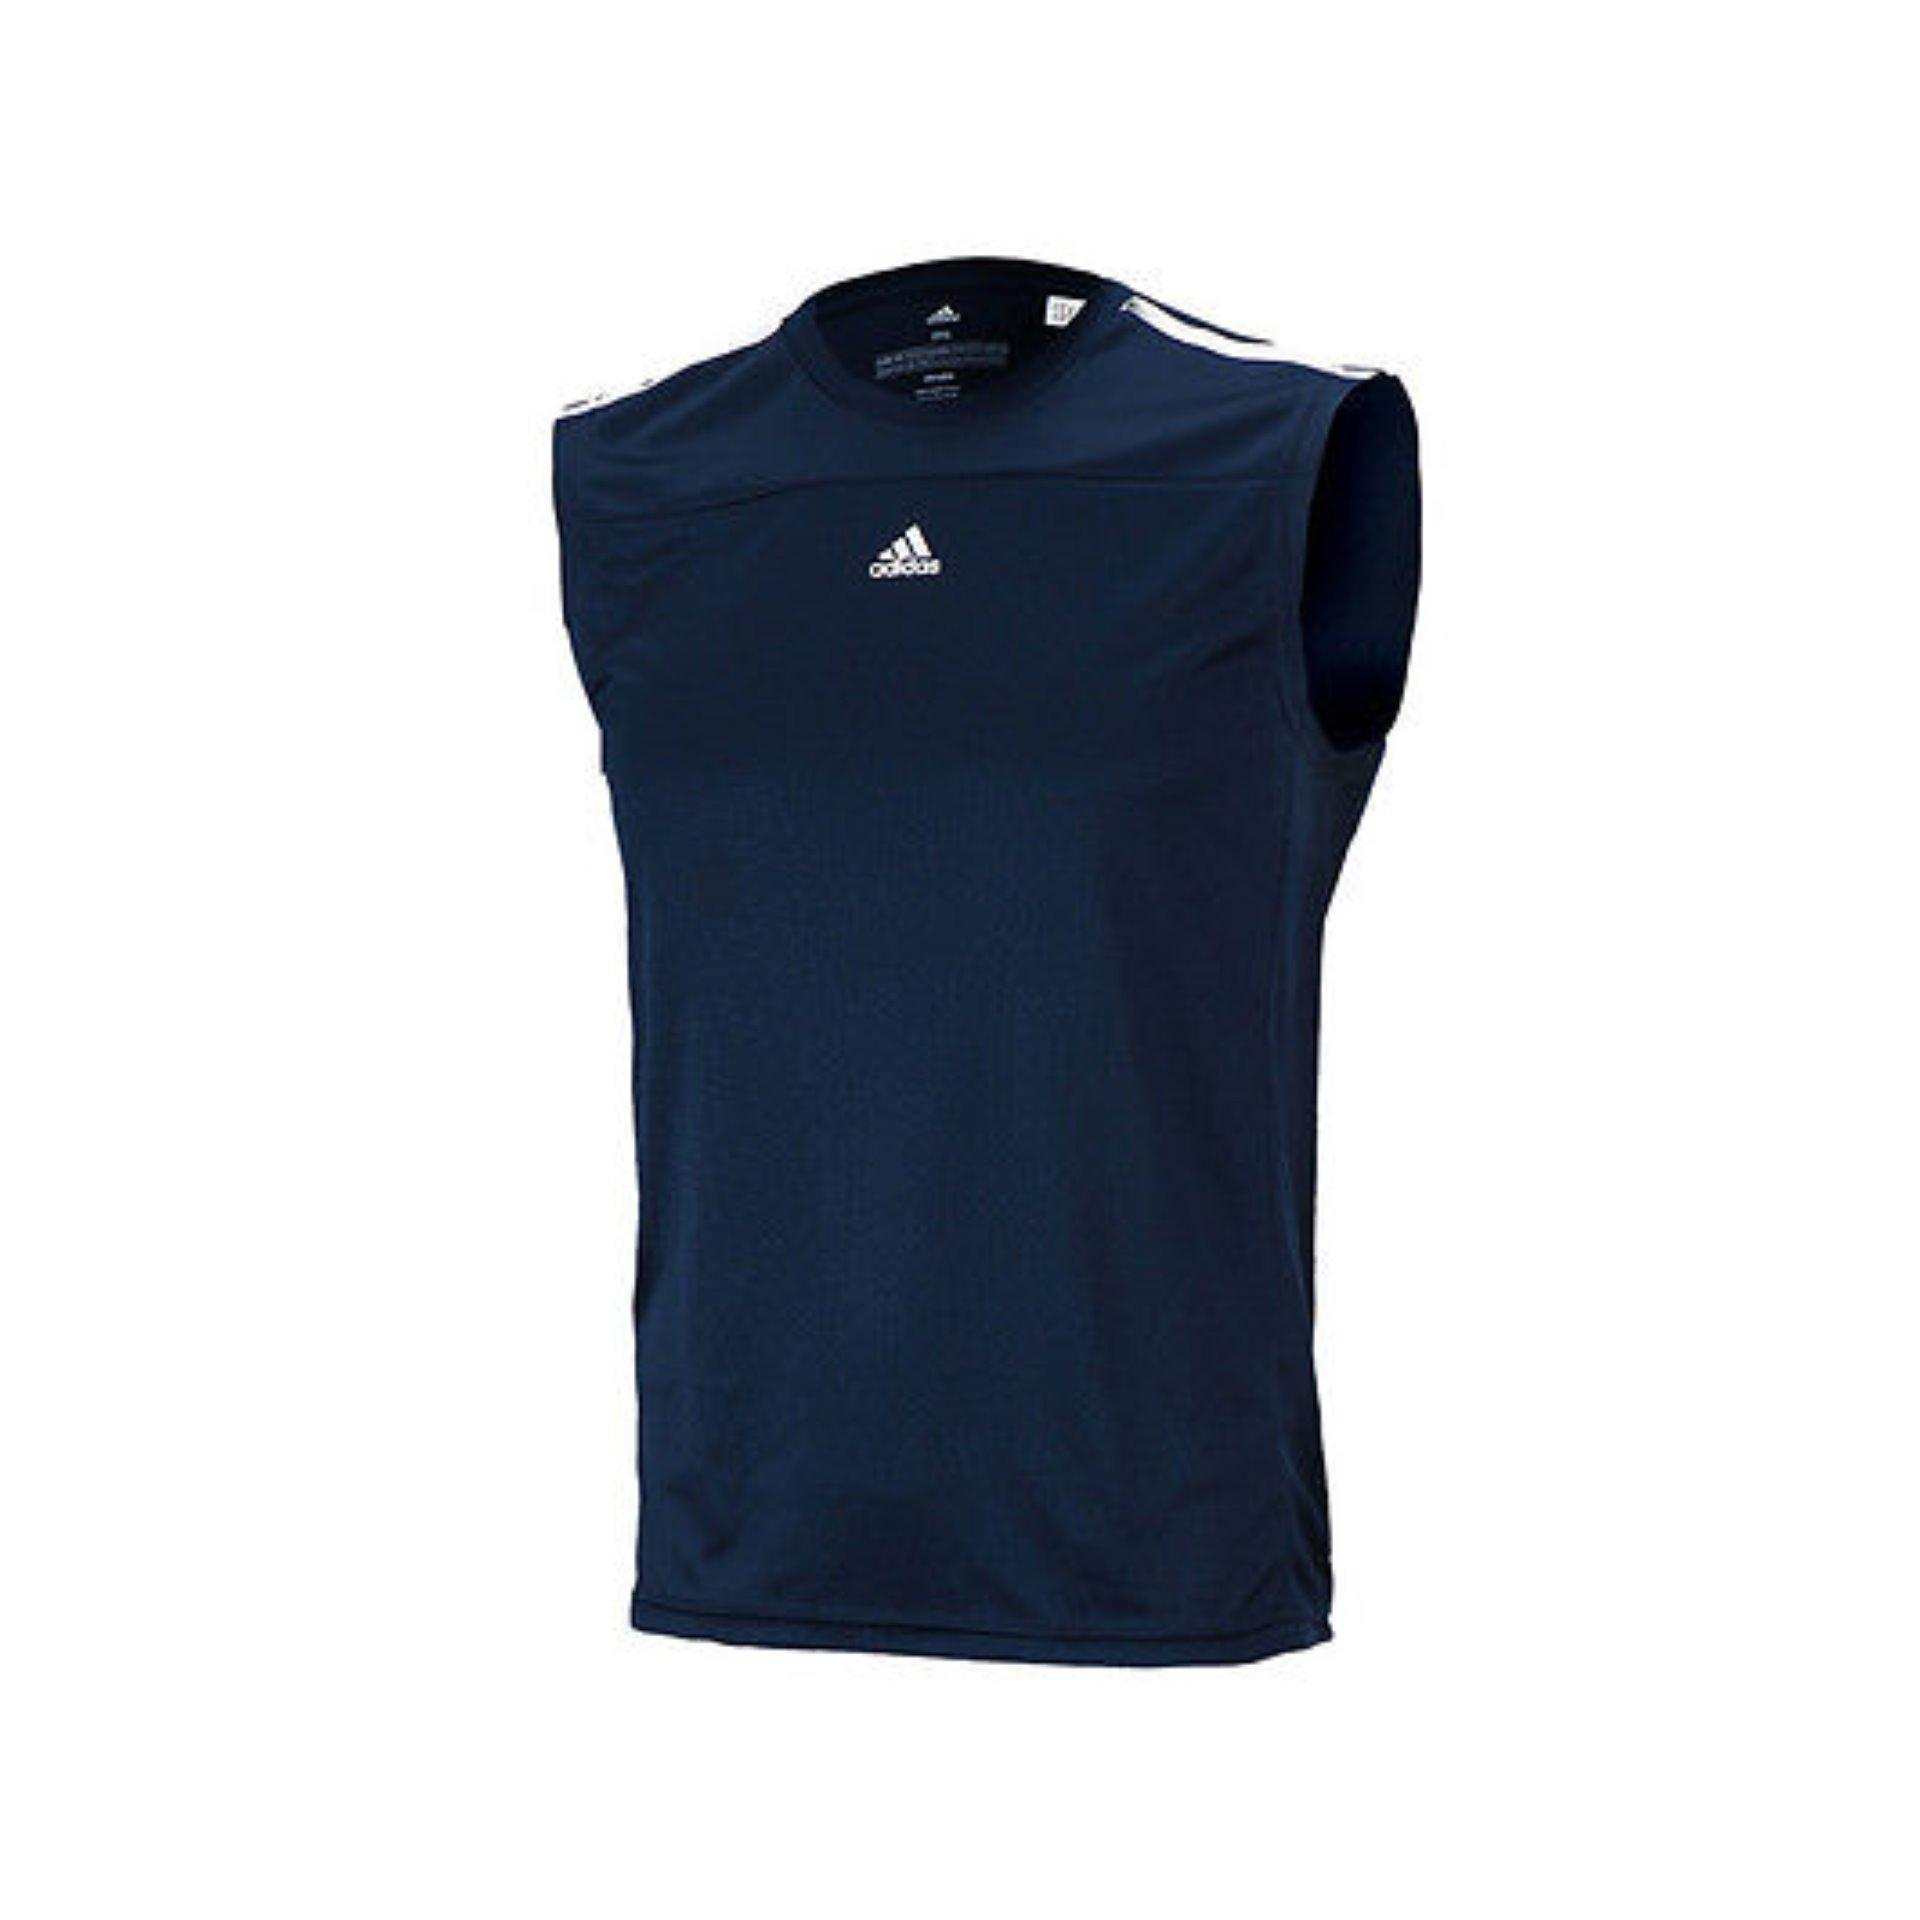 Adidas Kaos Superstar S19181 Biru3 Daftar Harga Terkini Adh9072 Jam Tangan Olahraga Base 3s Sl Tee Aj5739 Biru